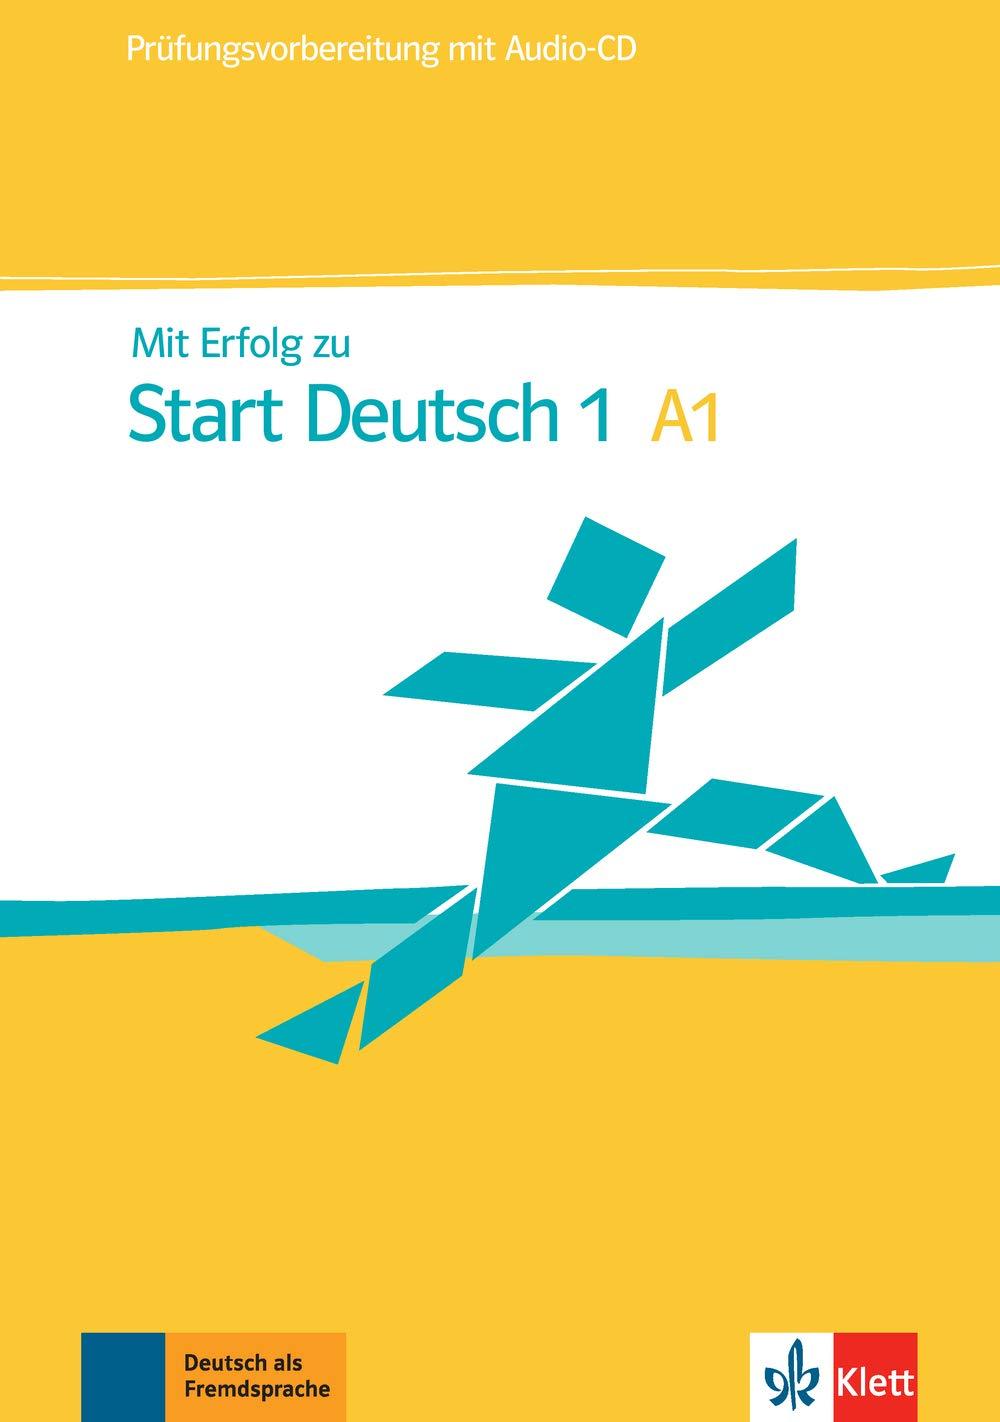 Read Online MIT Erfolg Zu Start Deutsch: Prufungsvorbereitung - Buch & Audio-CD (German Edition) ebook